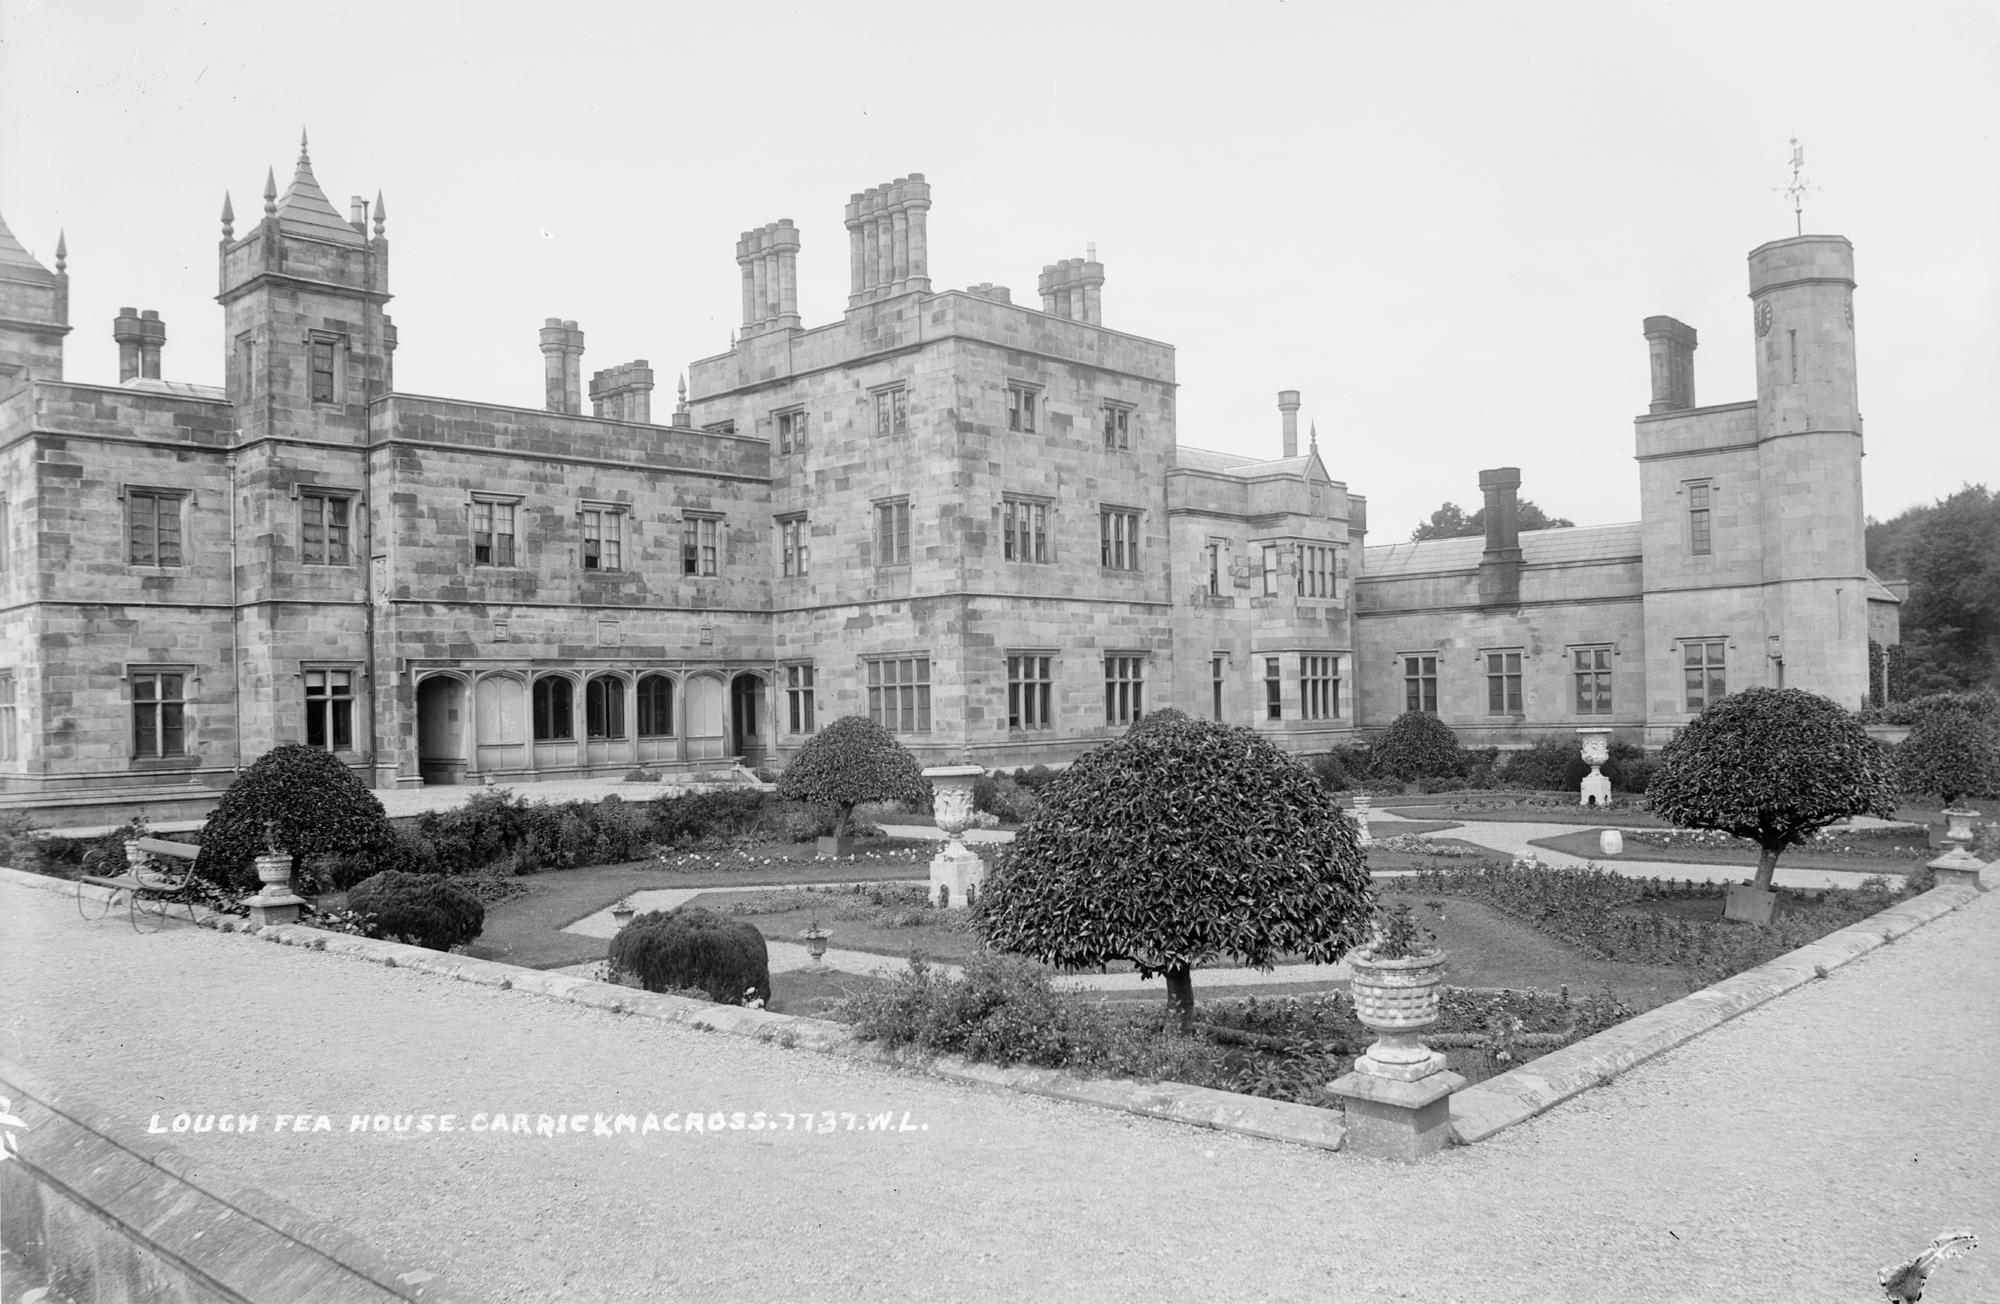 Lough Fea House, Carrickmacross, Co. Monaghan